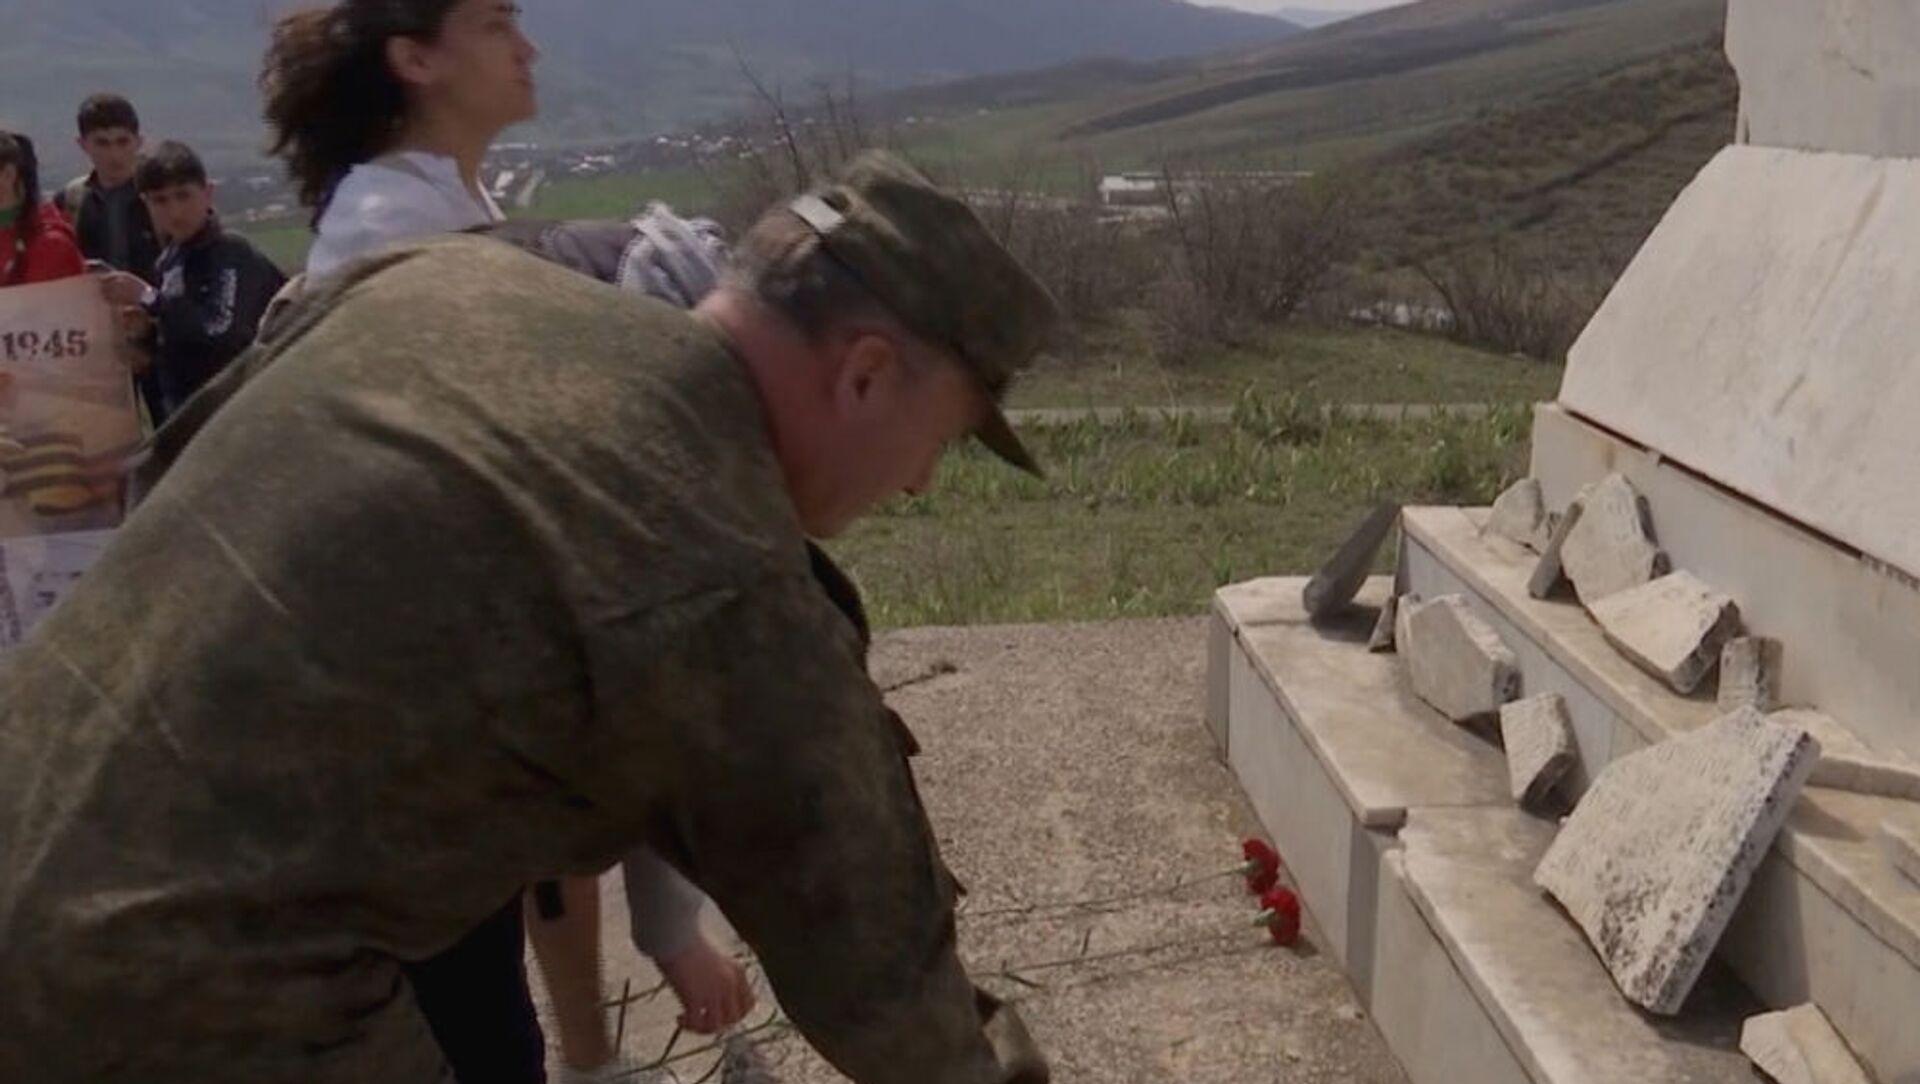 Российские миротворцы инициировали акцию «История семьи – история Победы» (6 апреля 2021). Карабах - Sputnik Армения, 1920, 25.07.2021